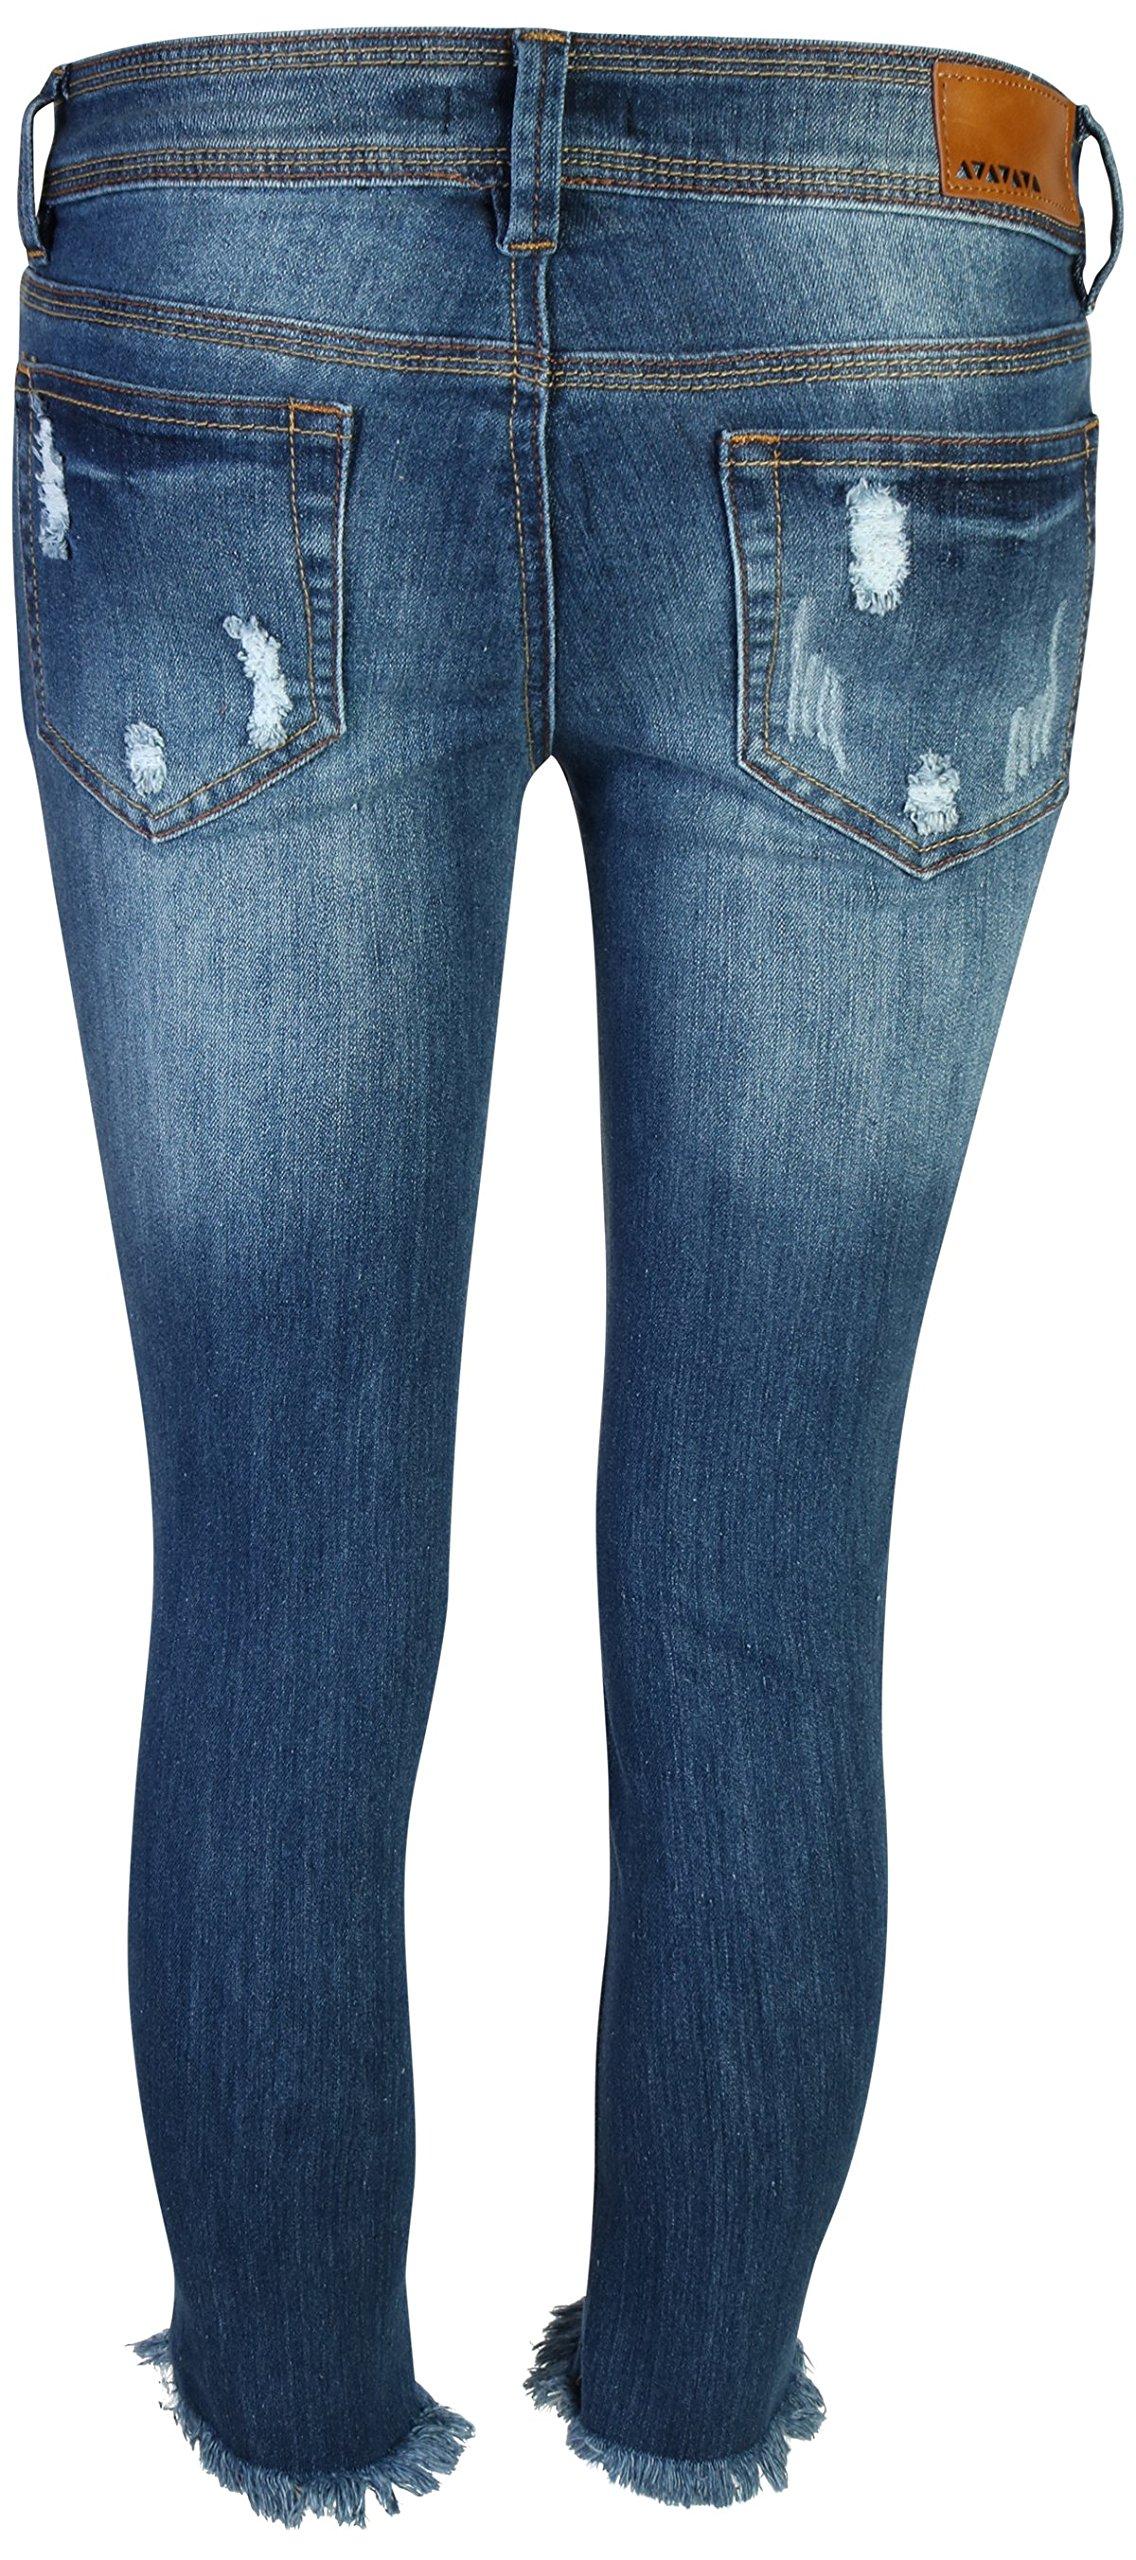 dollhouse Women's Distressed Stretch Frayed Hem Skinny Capri Jeans, Dark, Size 13' by dollhouse (Image #4)